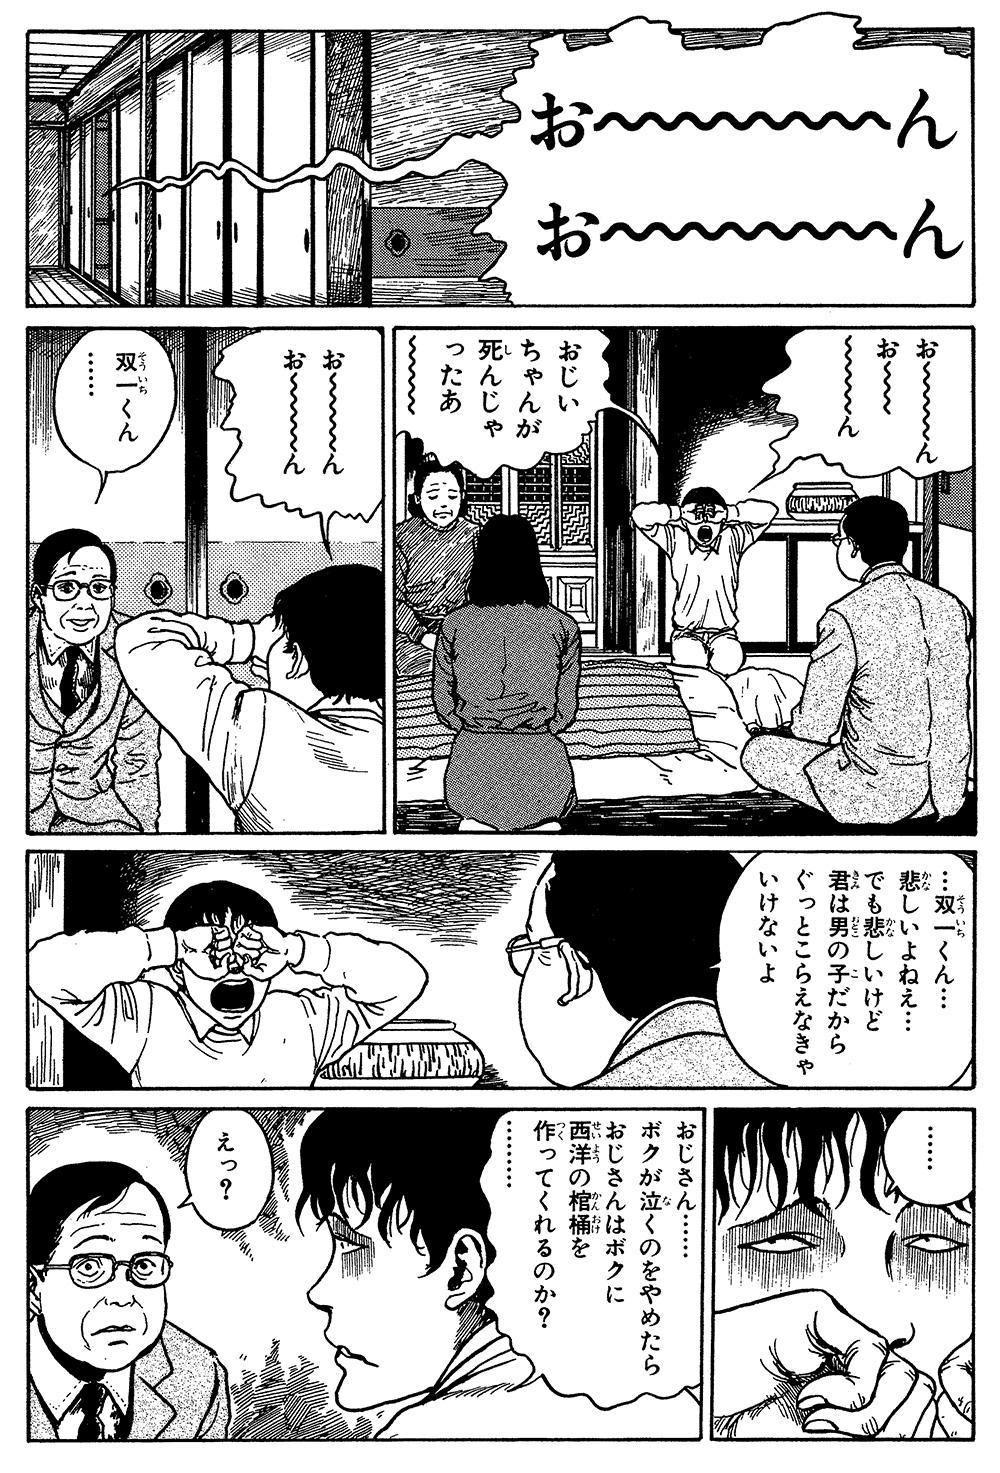 伊藤潤二傑作集「棺桶」①kanoke01-17.jpg